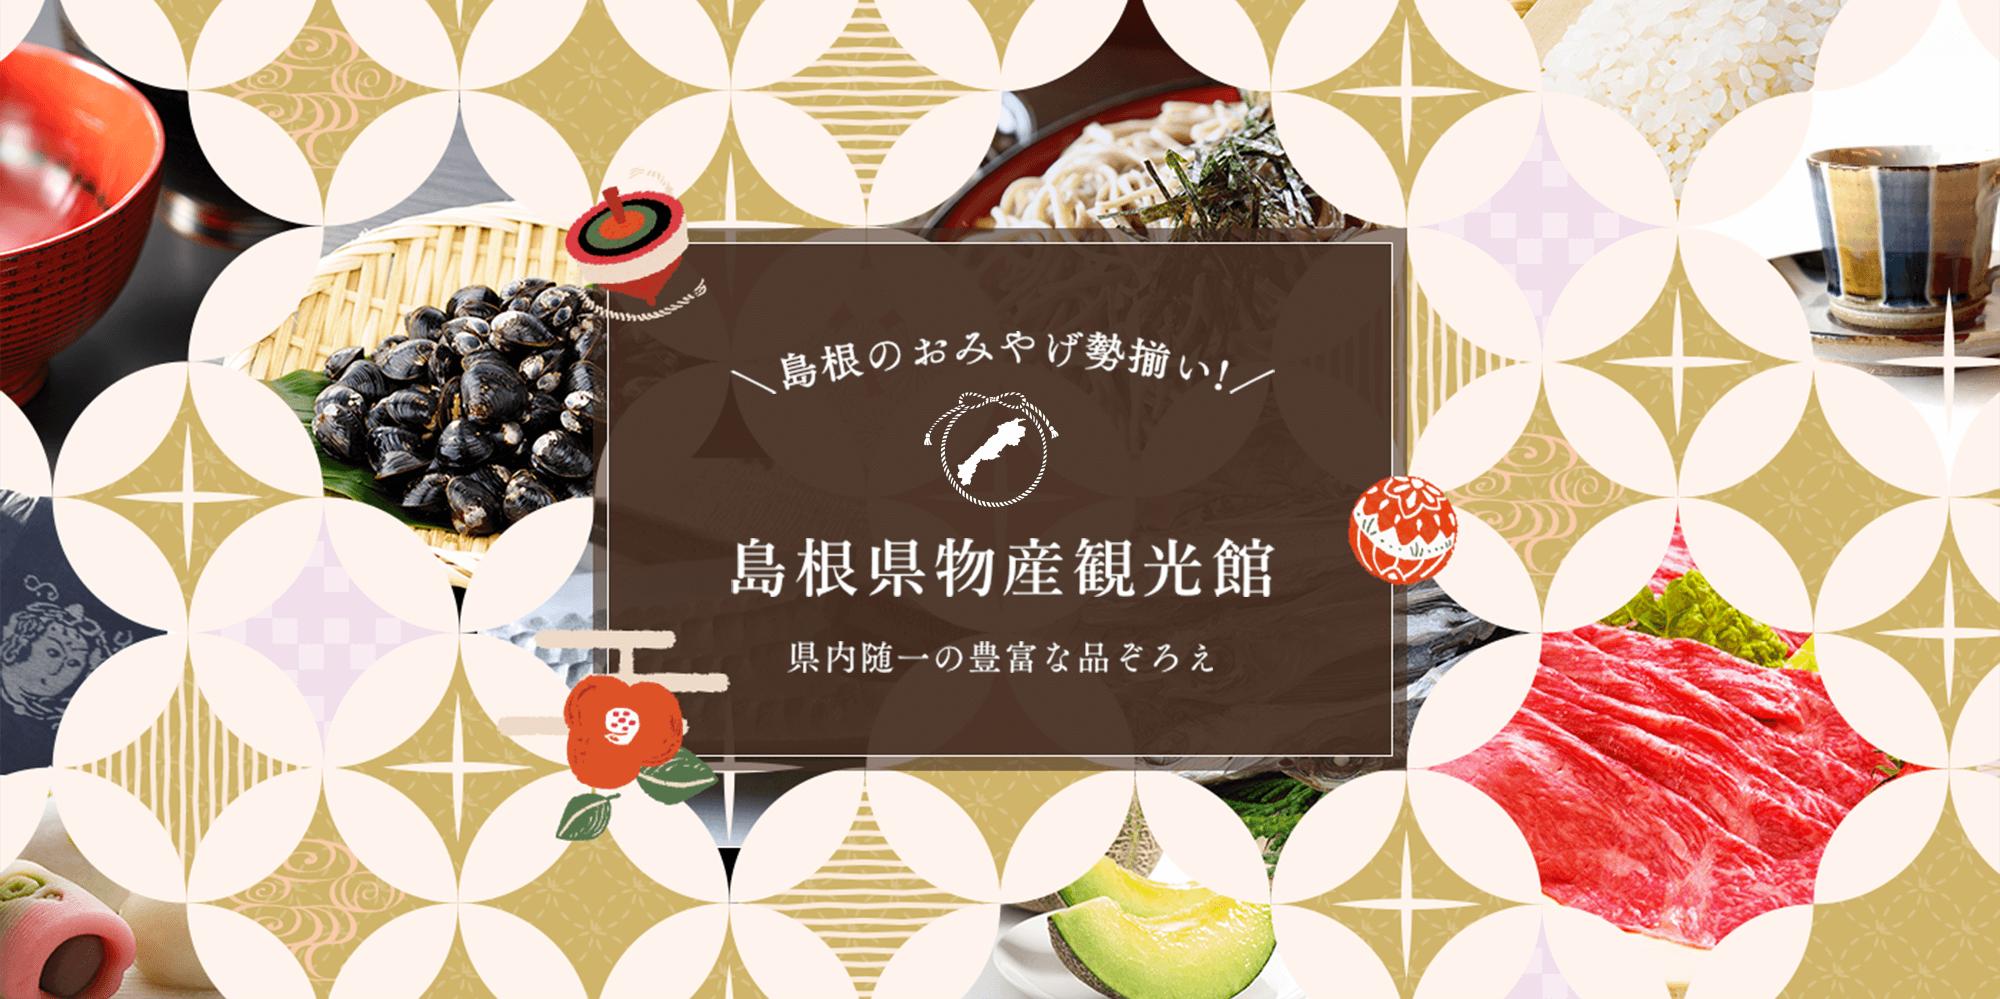 島根県物産観光館-県内随一の豊富な品ぞろえ-